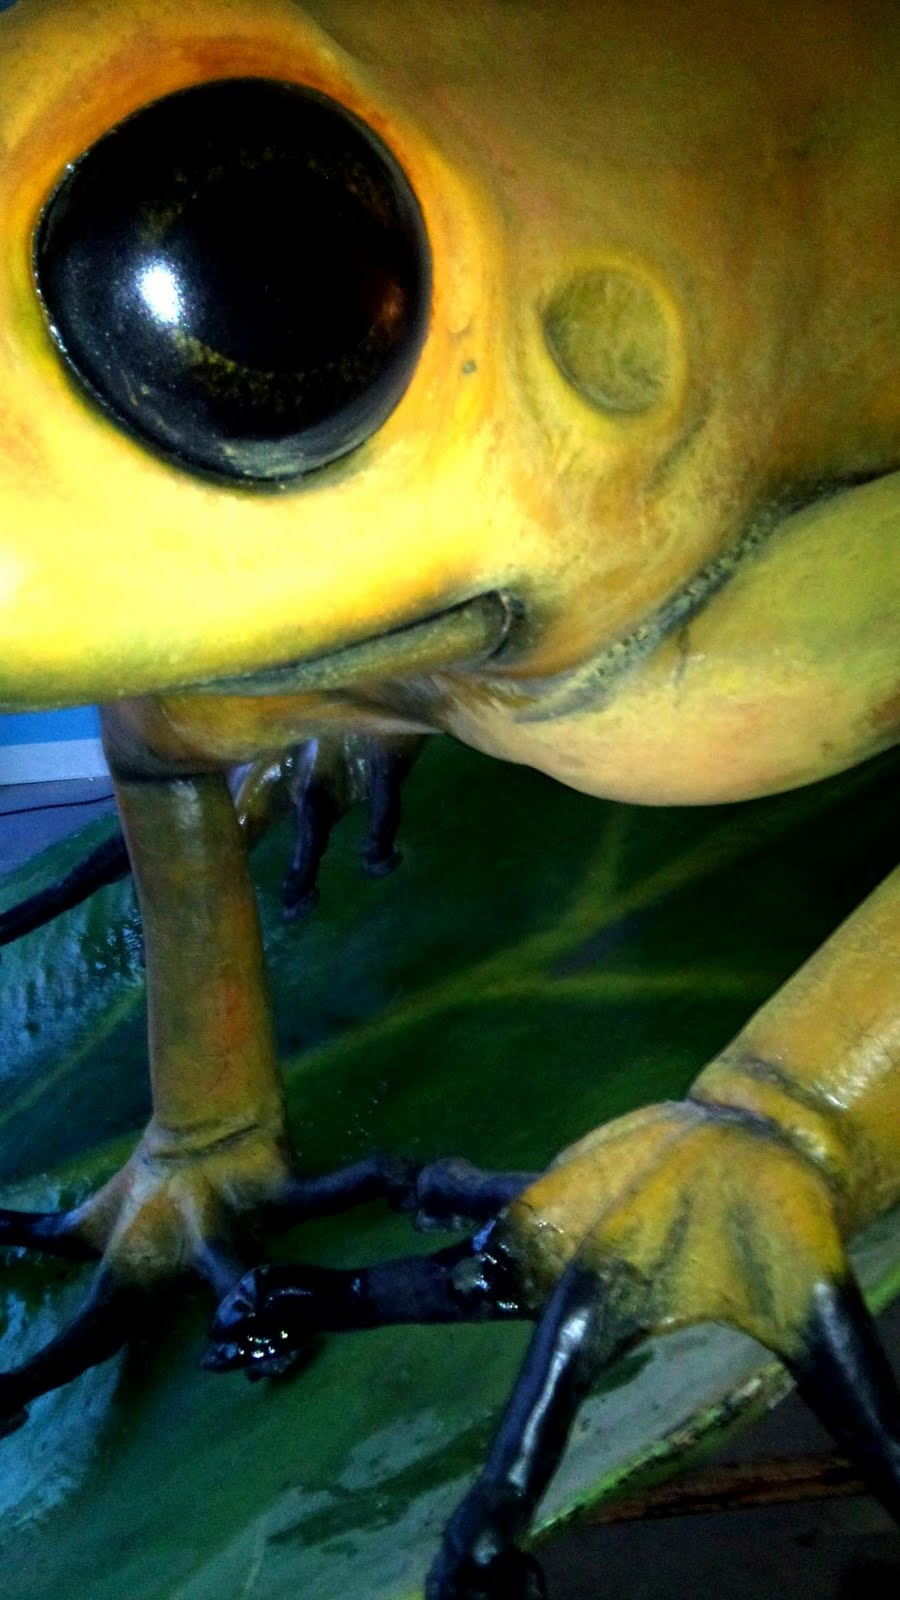 serpientes venenosas: Nueva exposición de animales venenosos en Madrid.